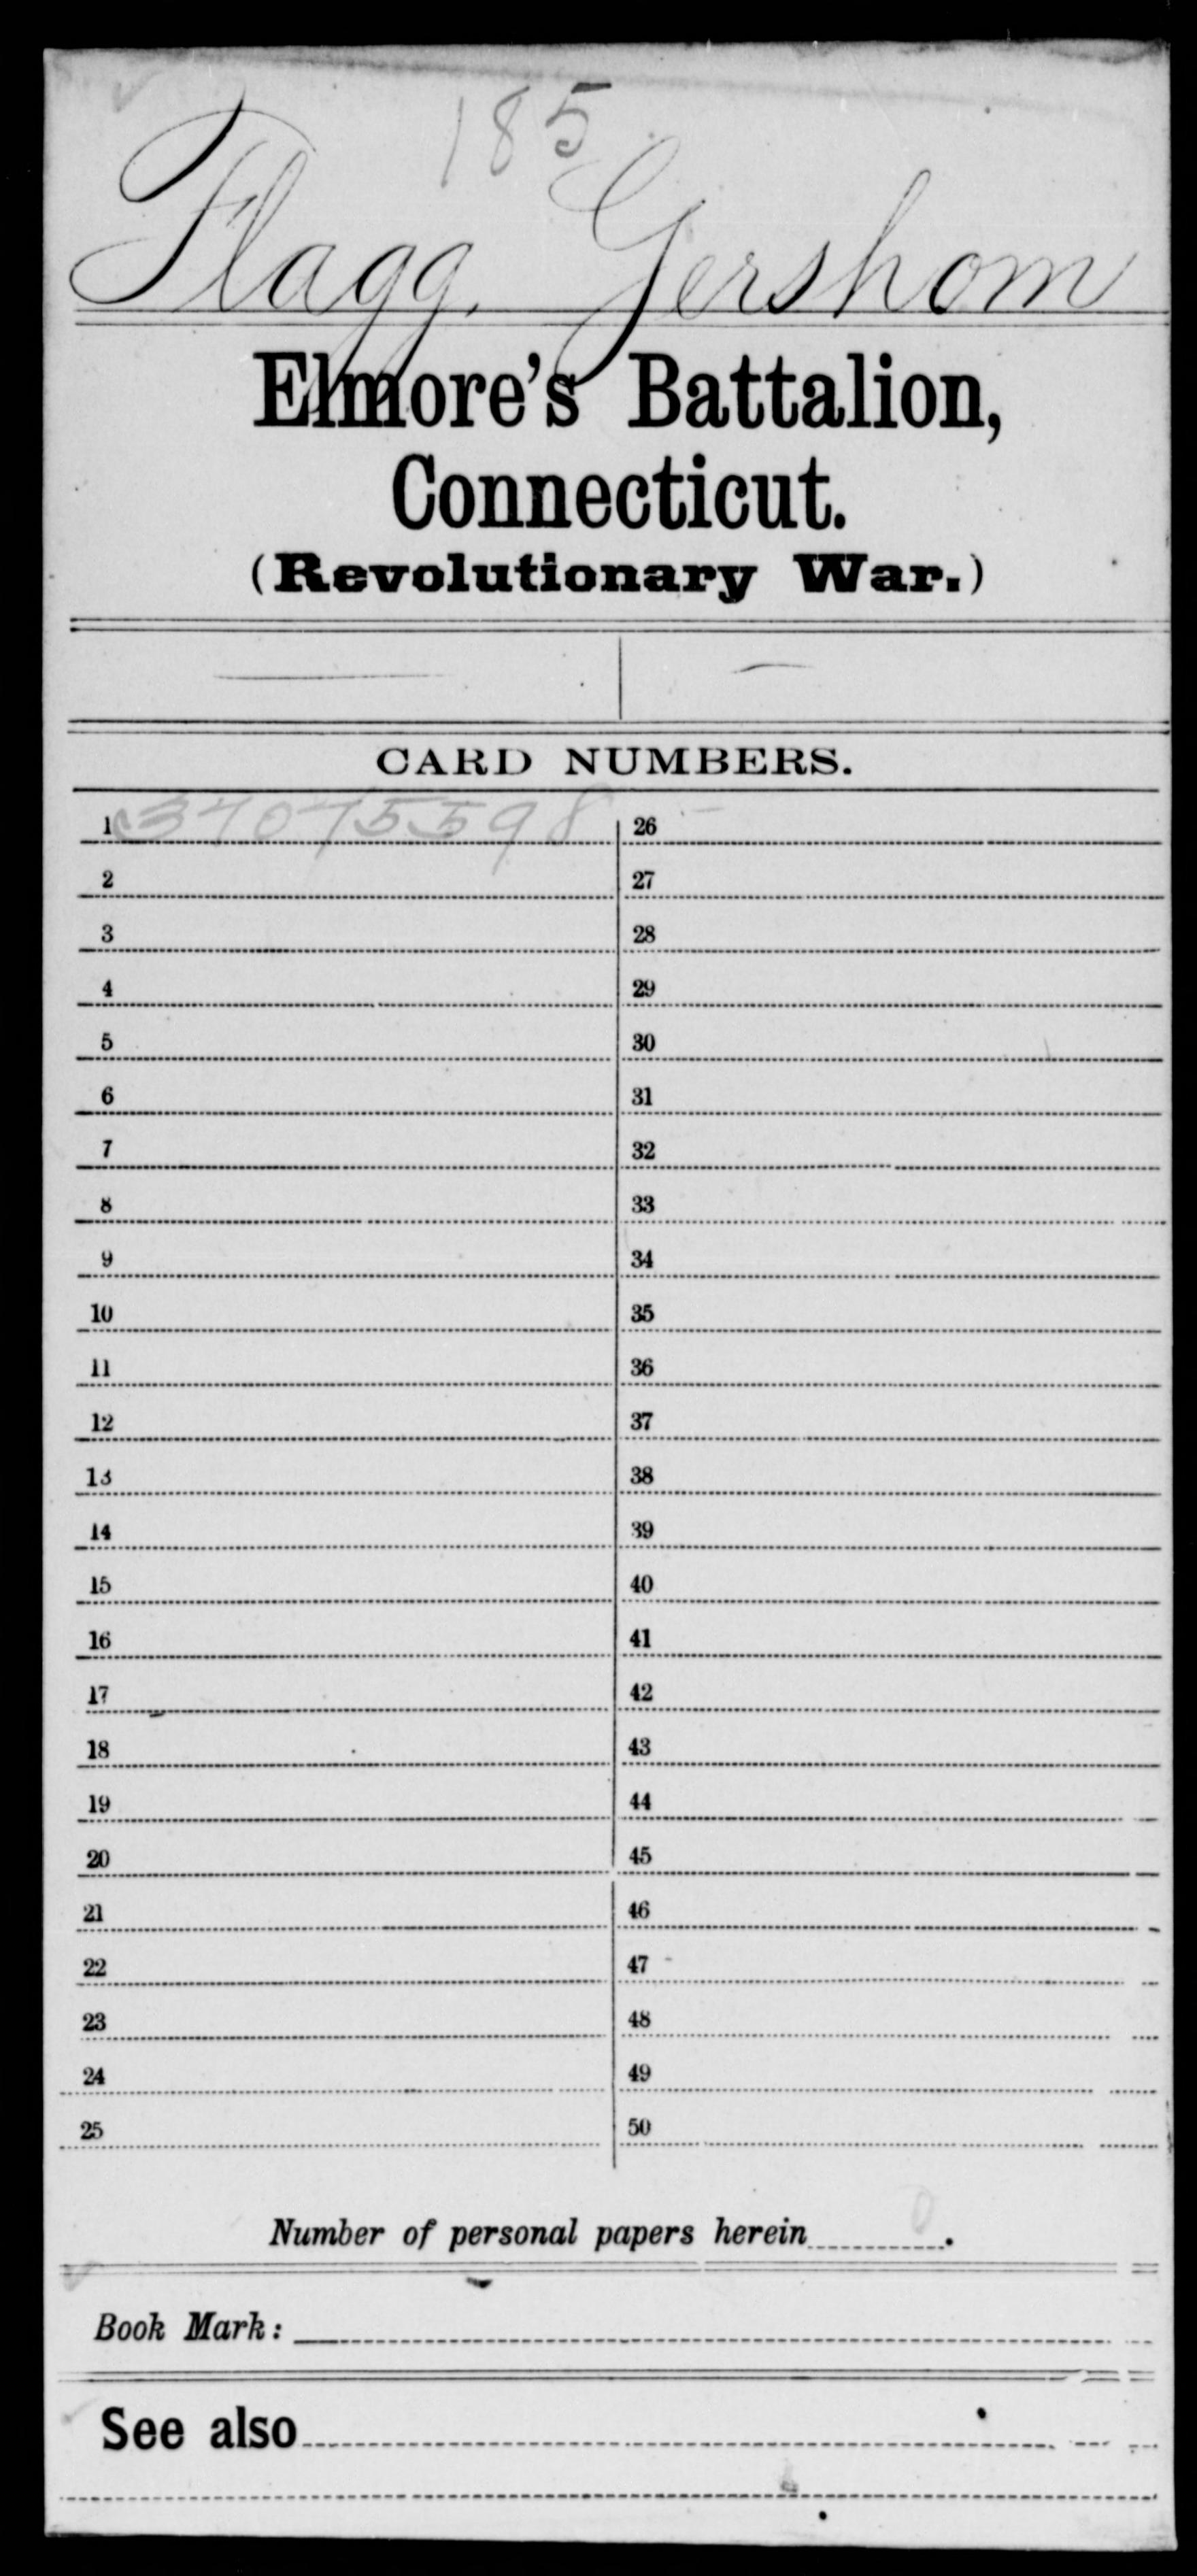 Flagg, Gershom - Connecticut - Elmore's Battalion